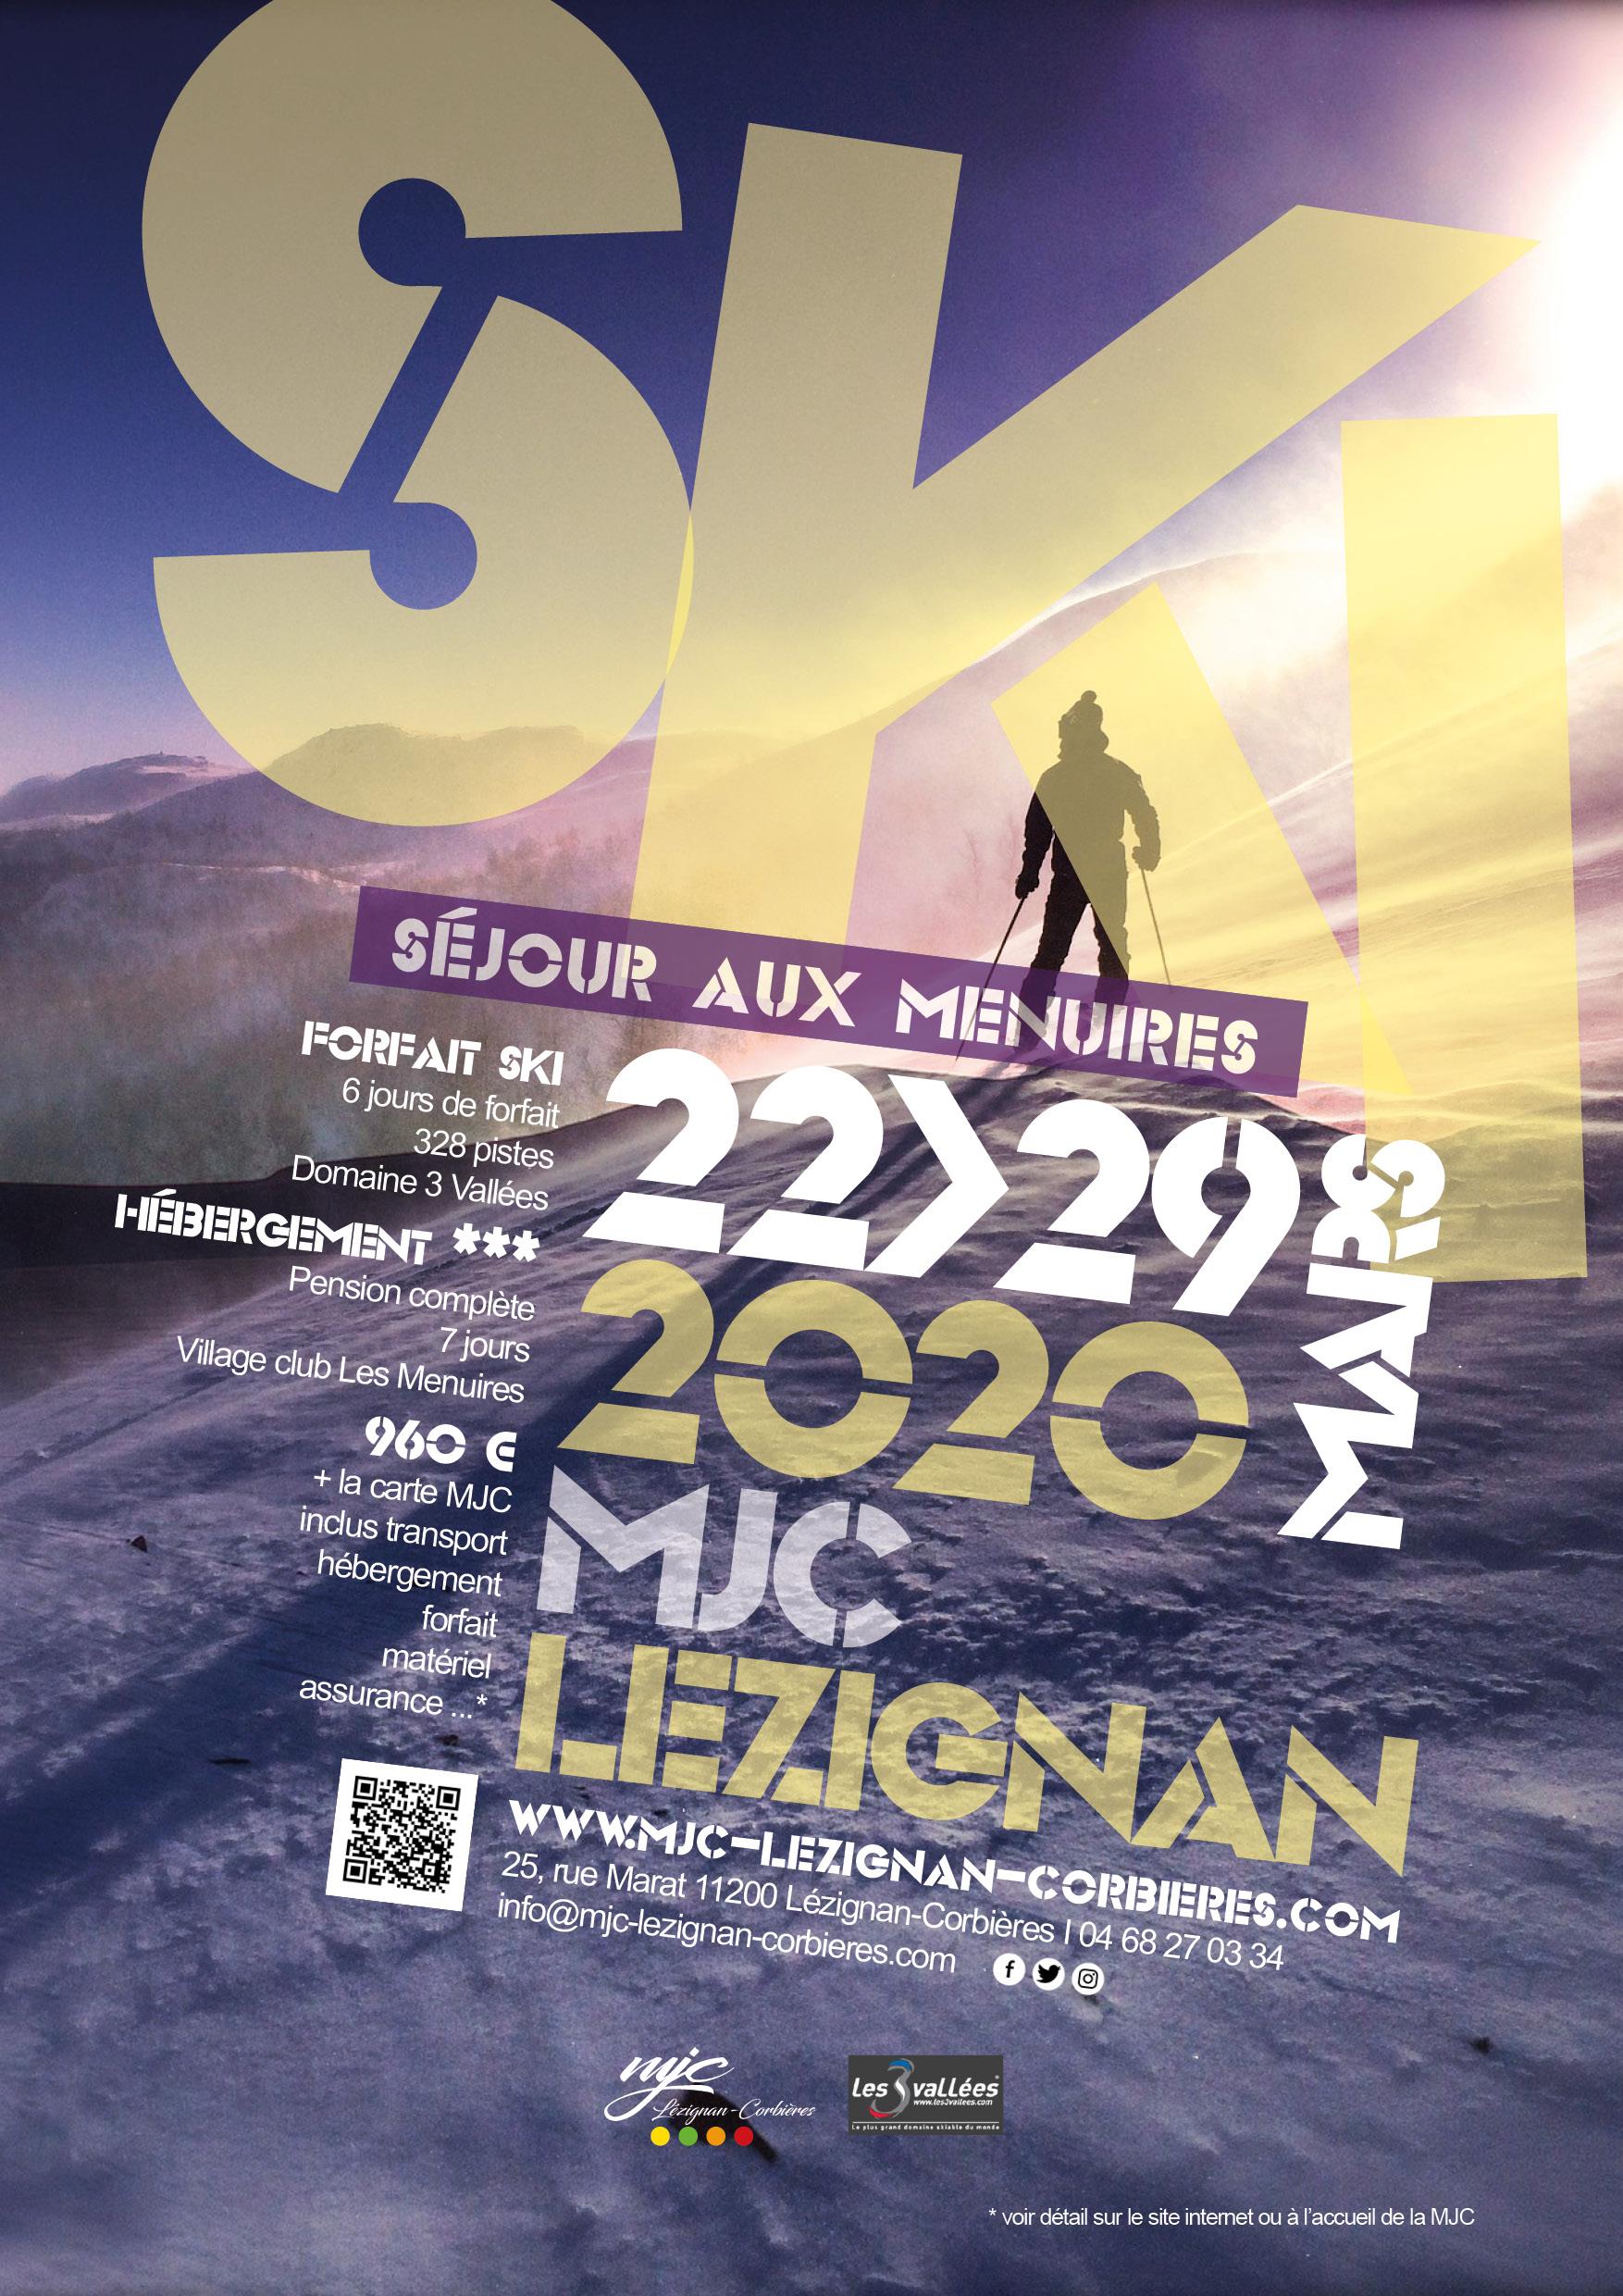 Séjour ski aux Menuires >> du 22 au 29 Mars 2020